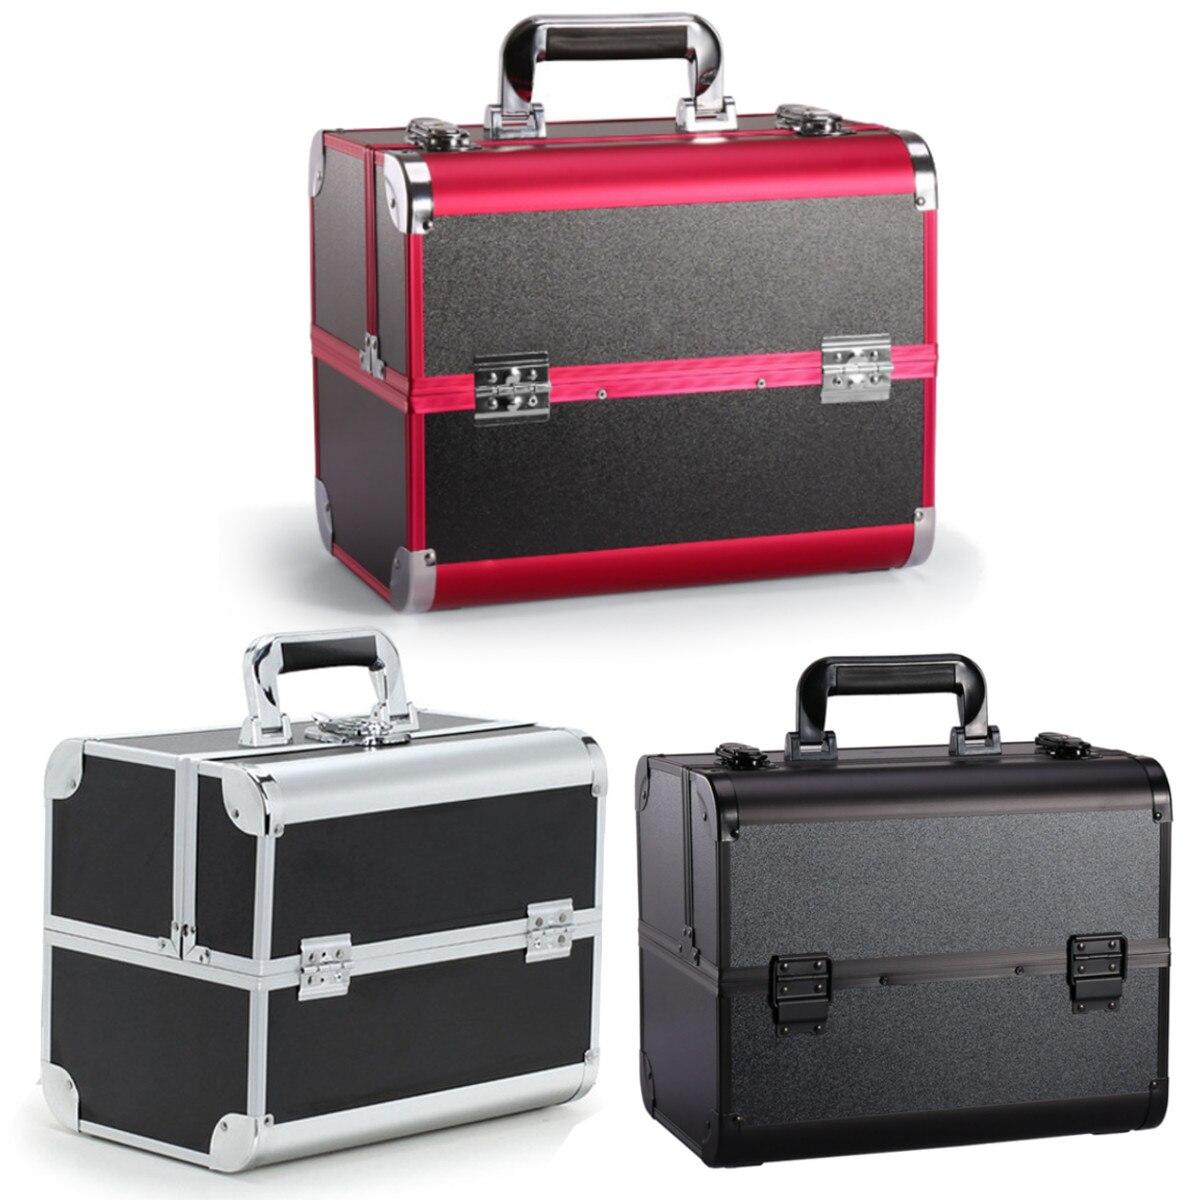 Portable professionnel sac cosmétique valises pour cosmétiques grande capacité femmes voyage maquillage sacs boîte manucure cosmétologie Case